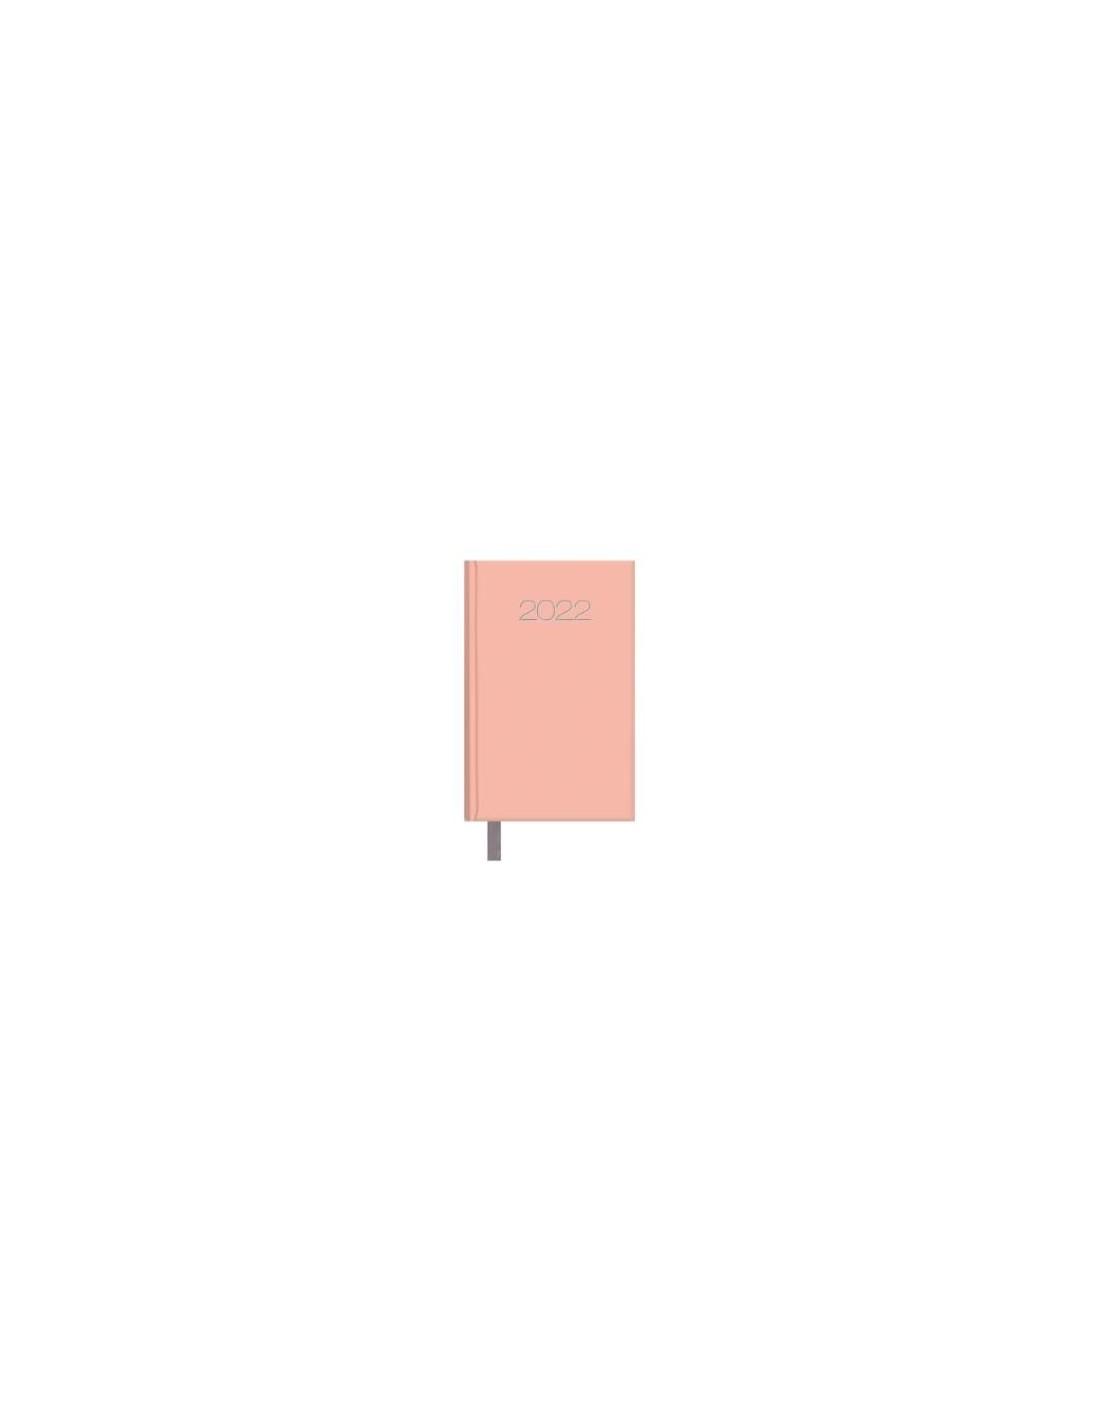 Agenda Semana vista Lisboa 8,5x13 Rosa cuarzo 2022